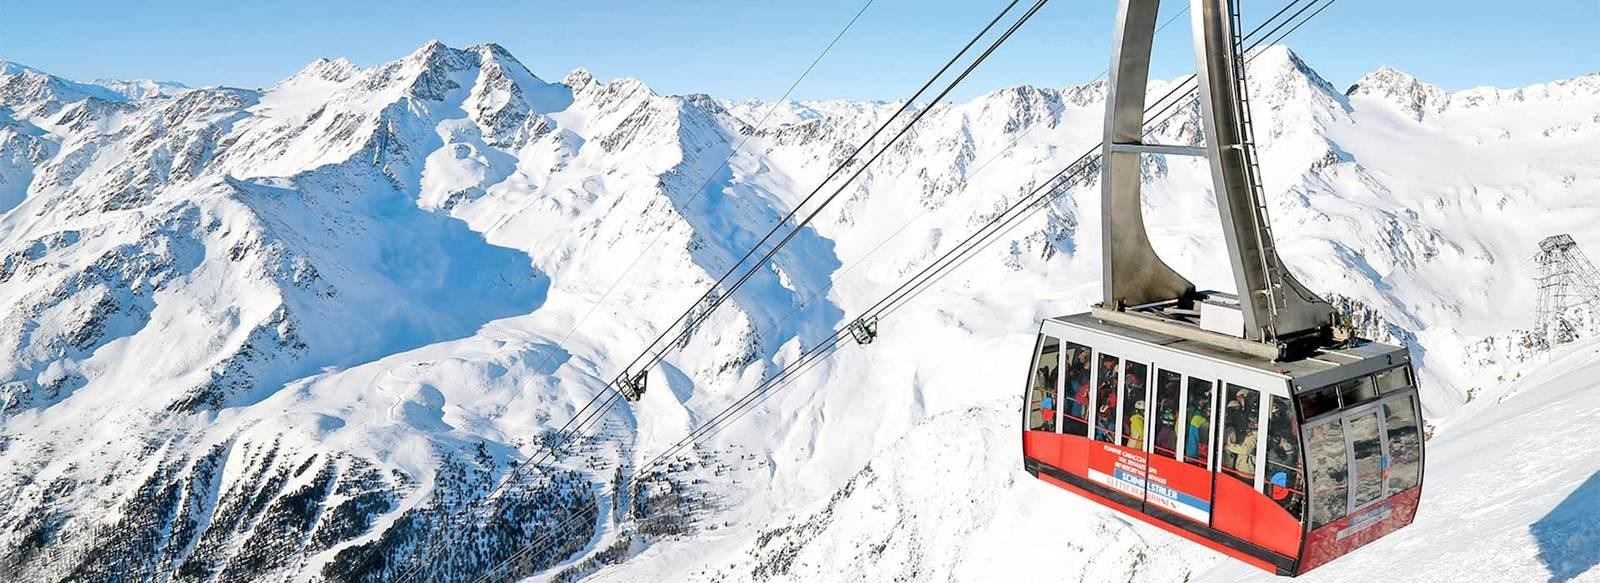 Una settimana bianca, skipass incluso, nel cuore dell'Alto Adige